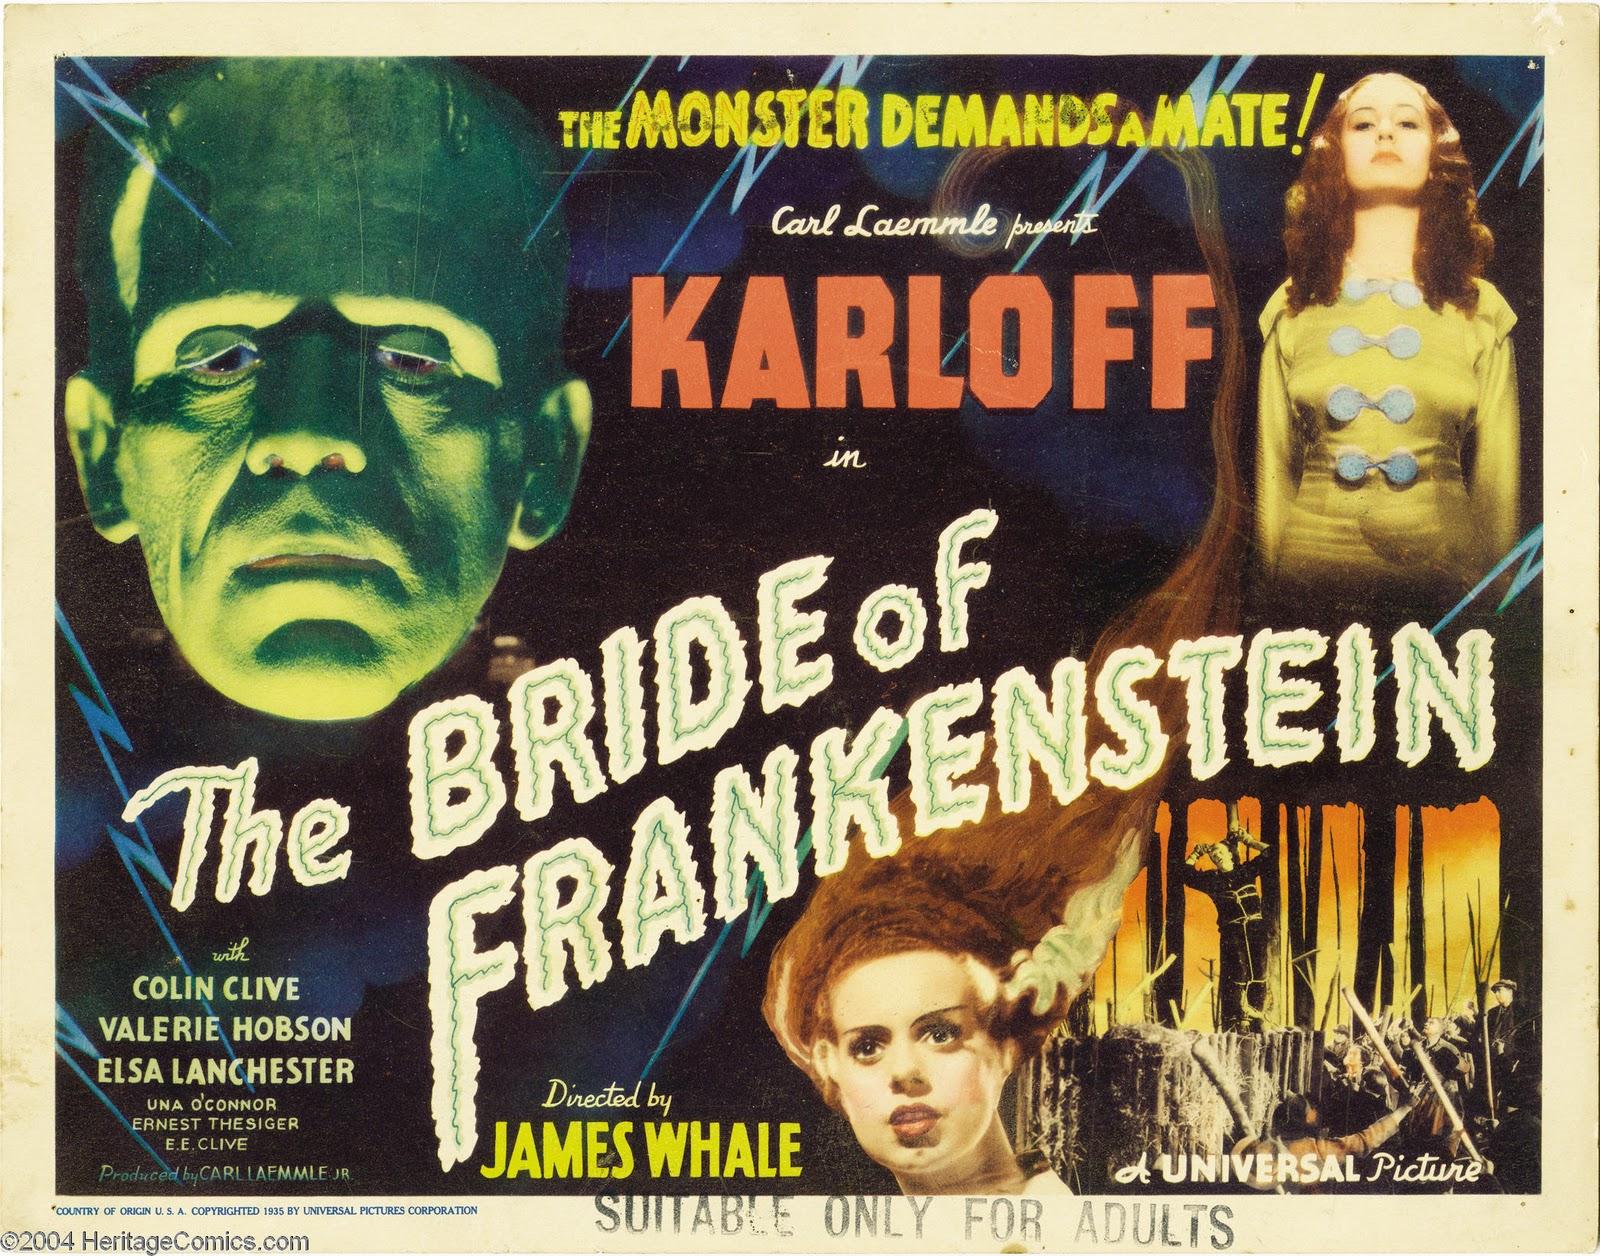 невеста франкенштейна, постер, фильм ужасов